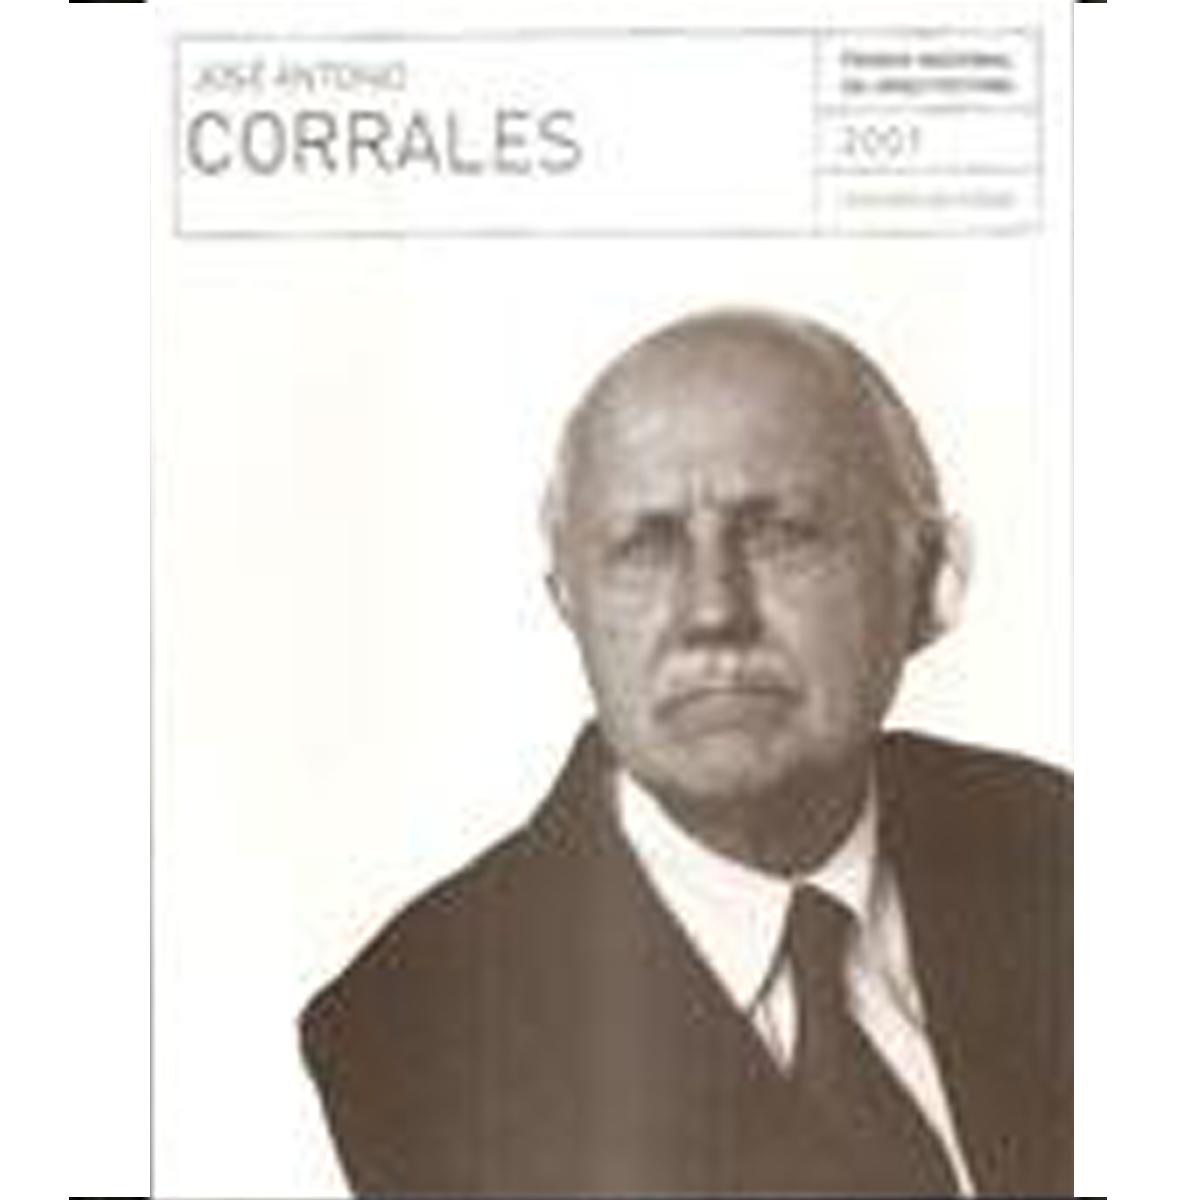 José Antonio Corrales